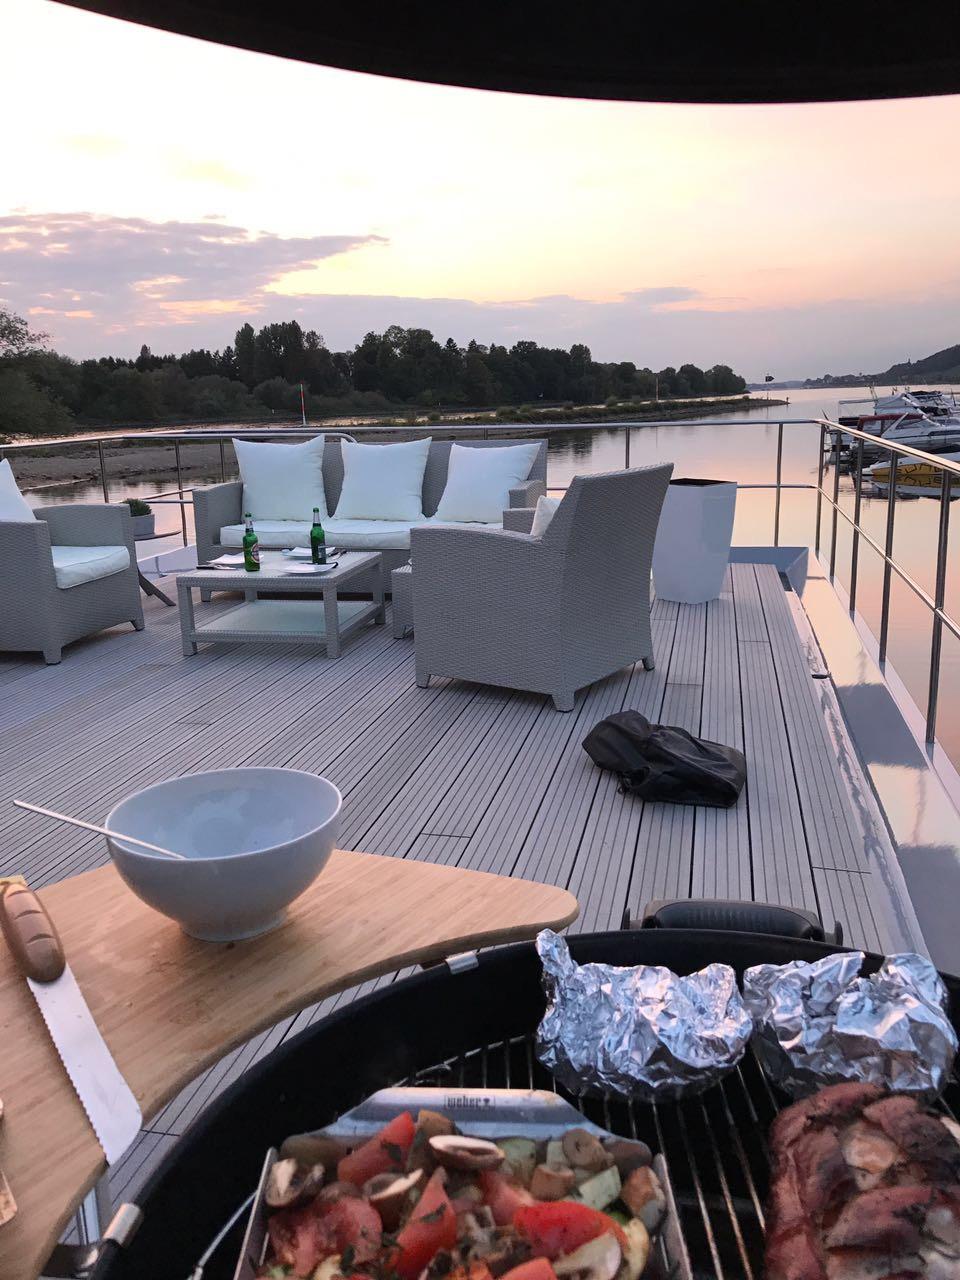 Dachterrasse auf dem Hausboot